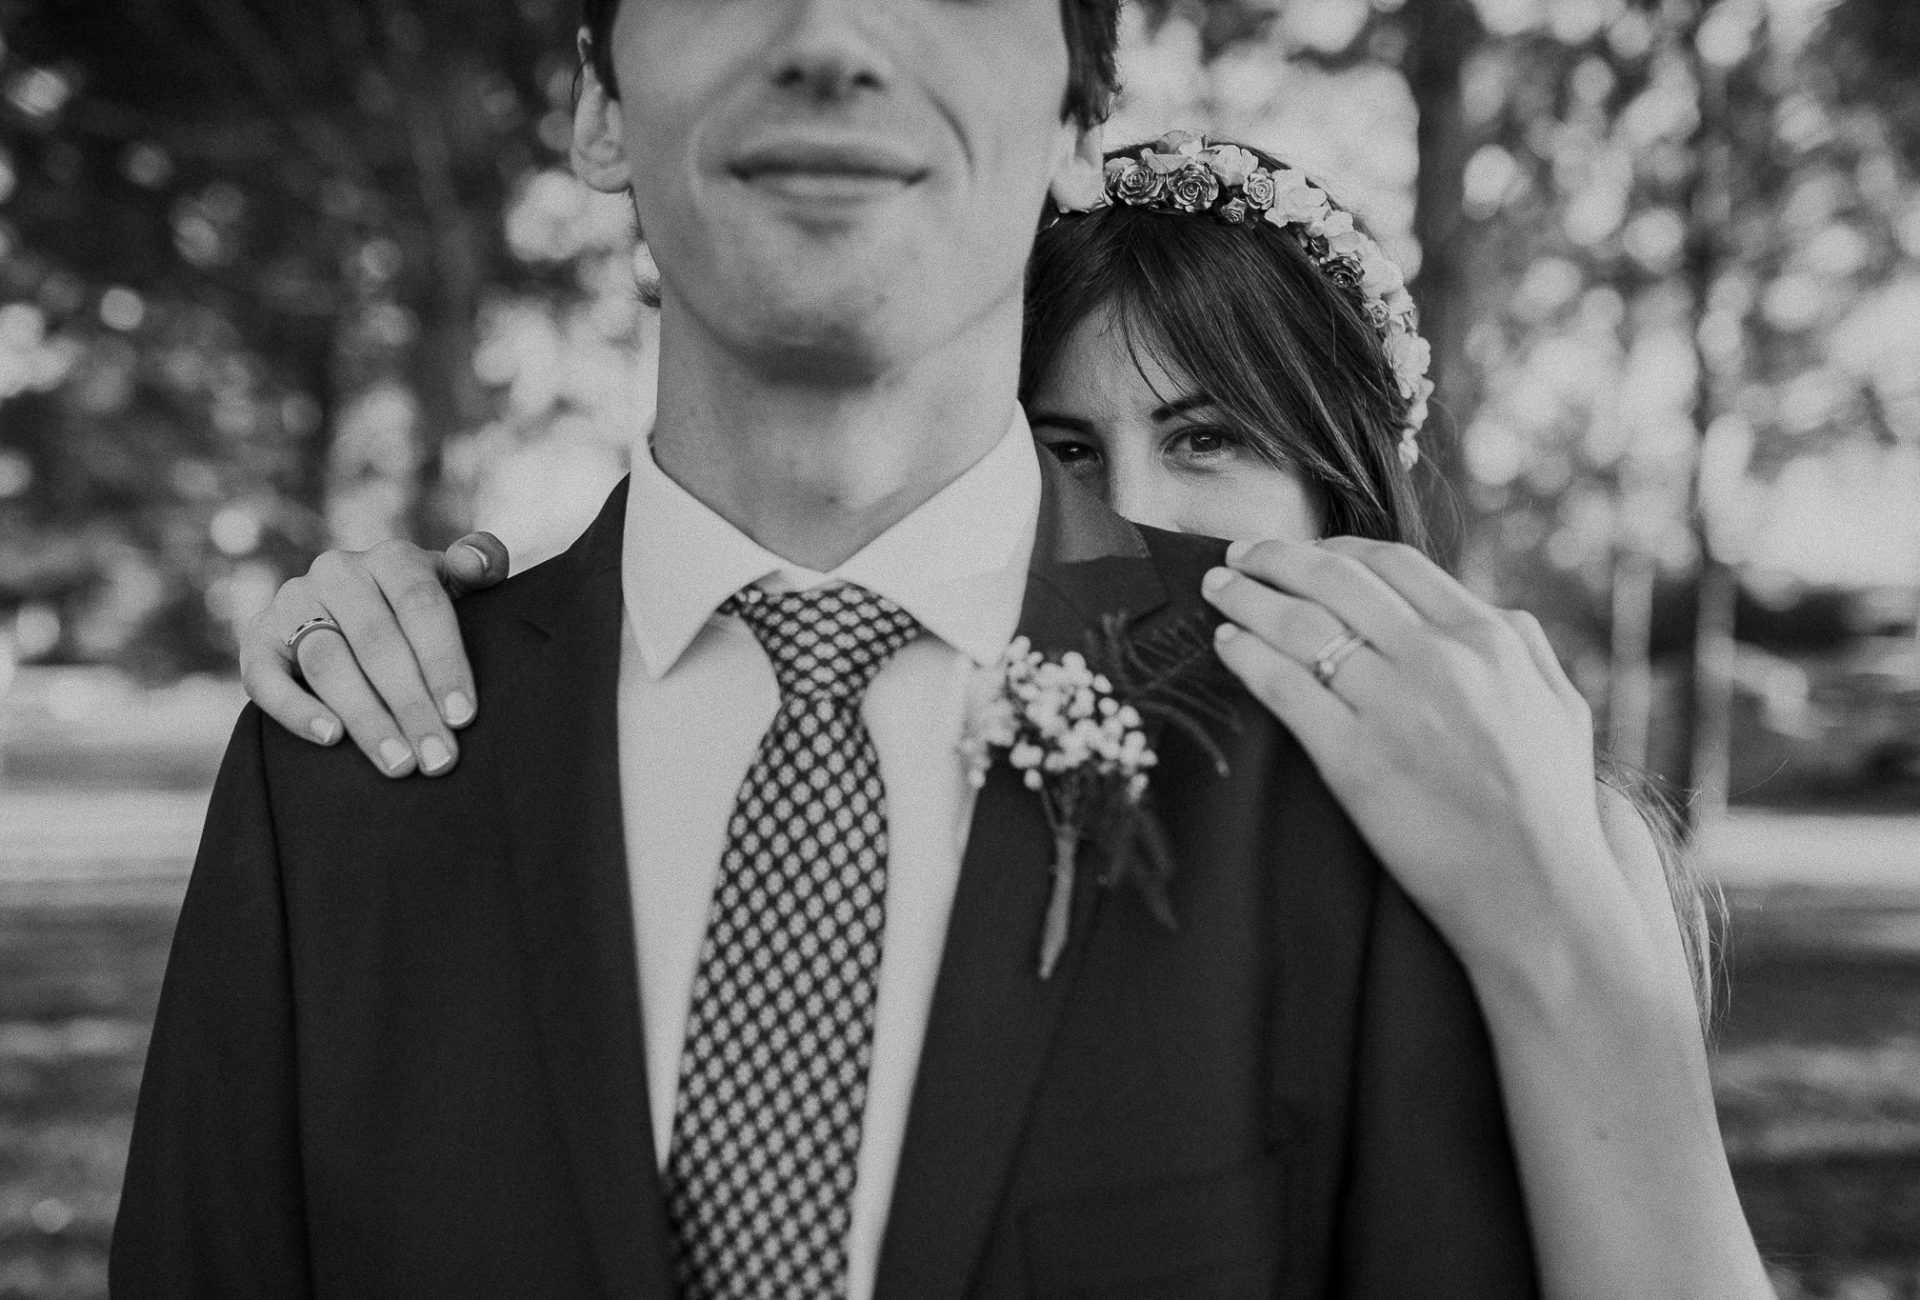 fotografos de boda en uruguay